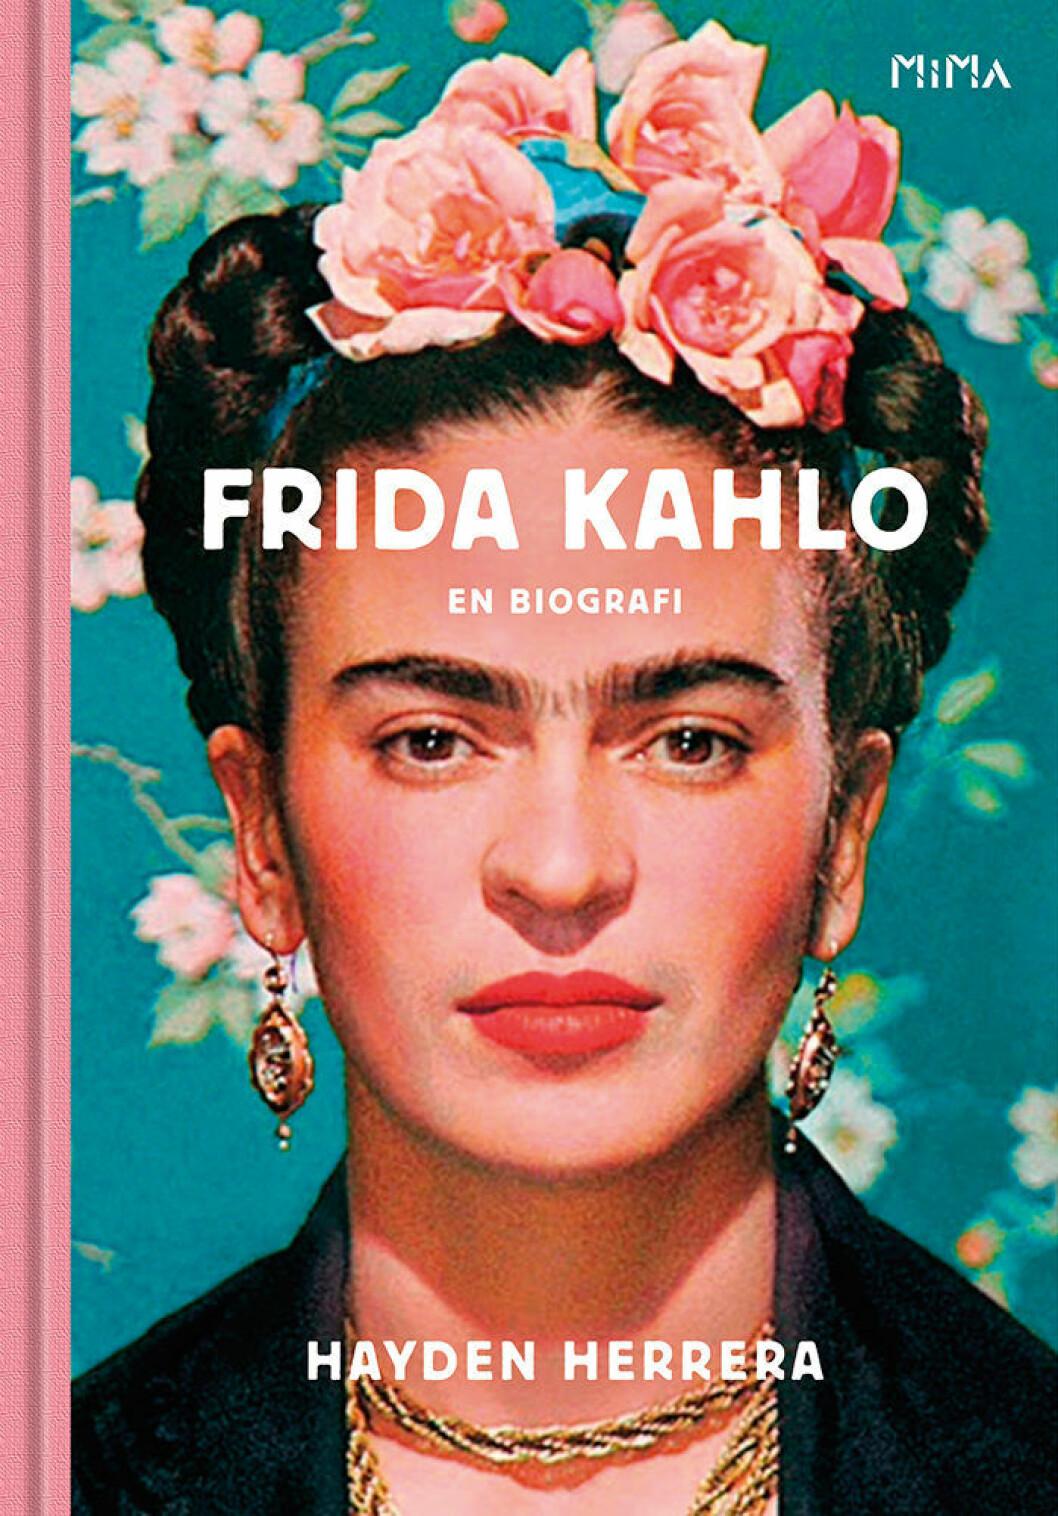 Frida Kahlo – en biografi